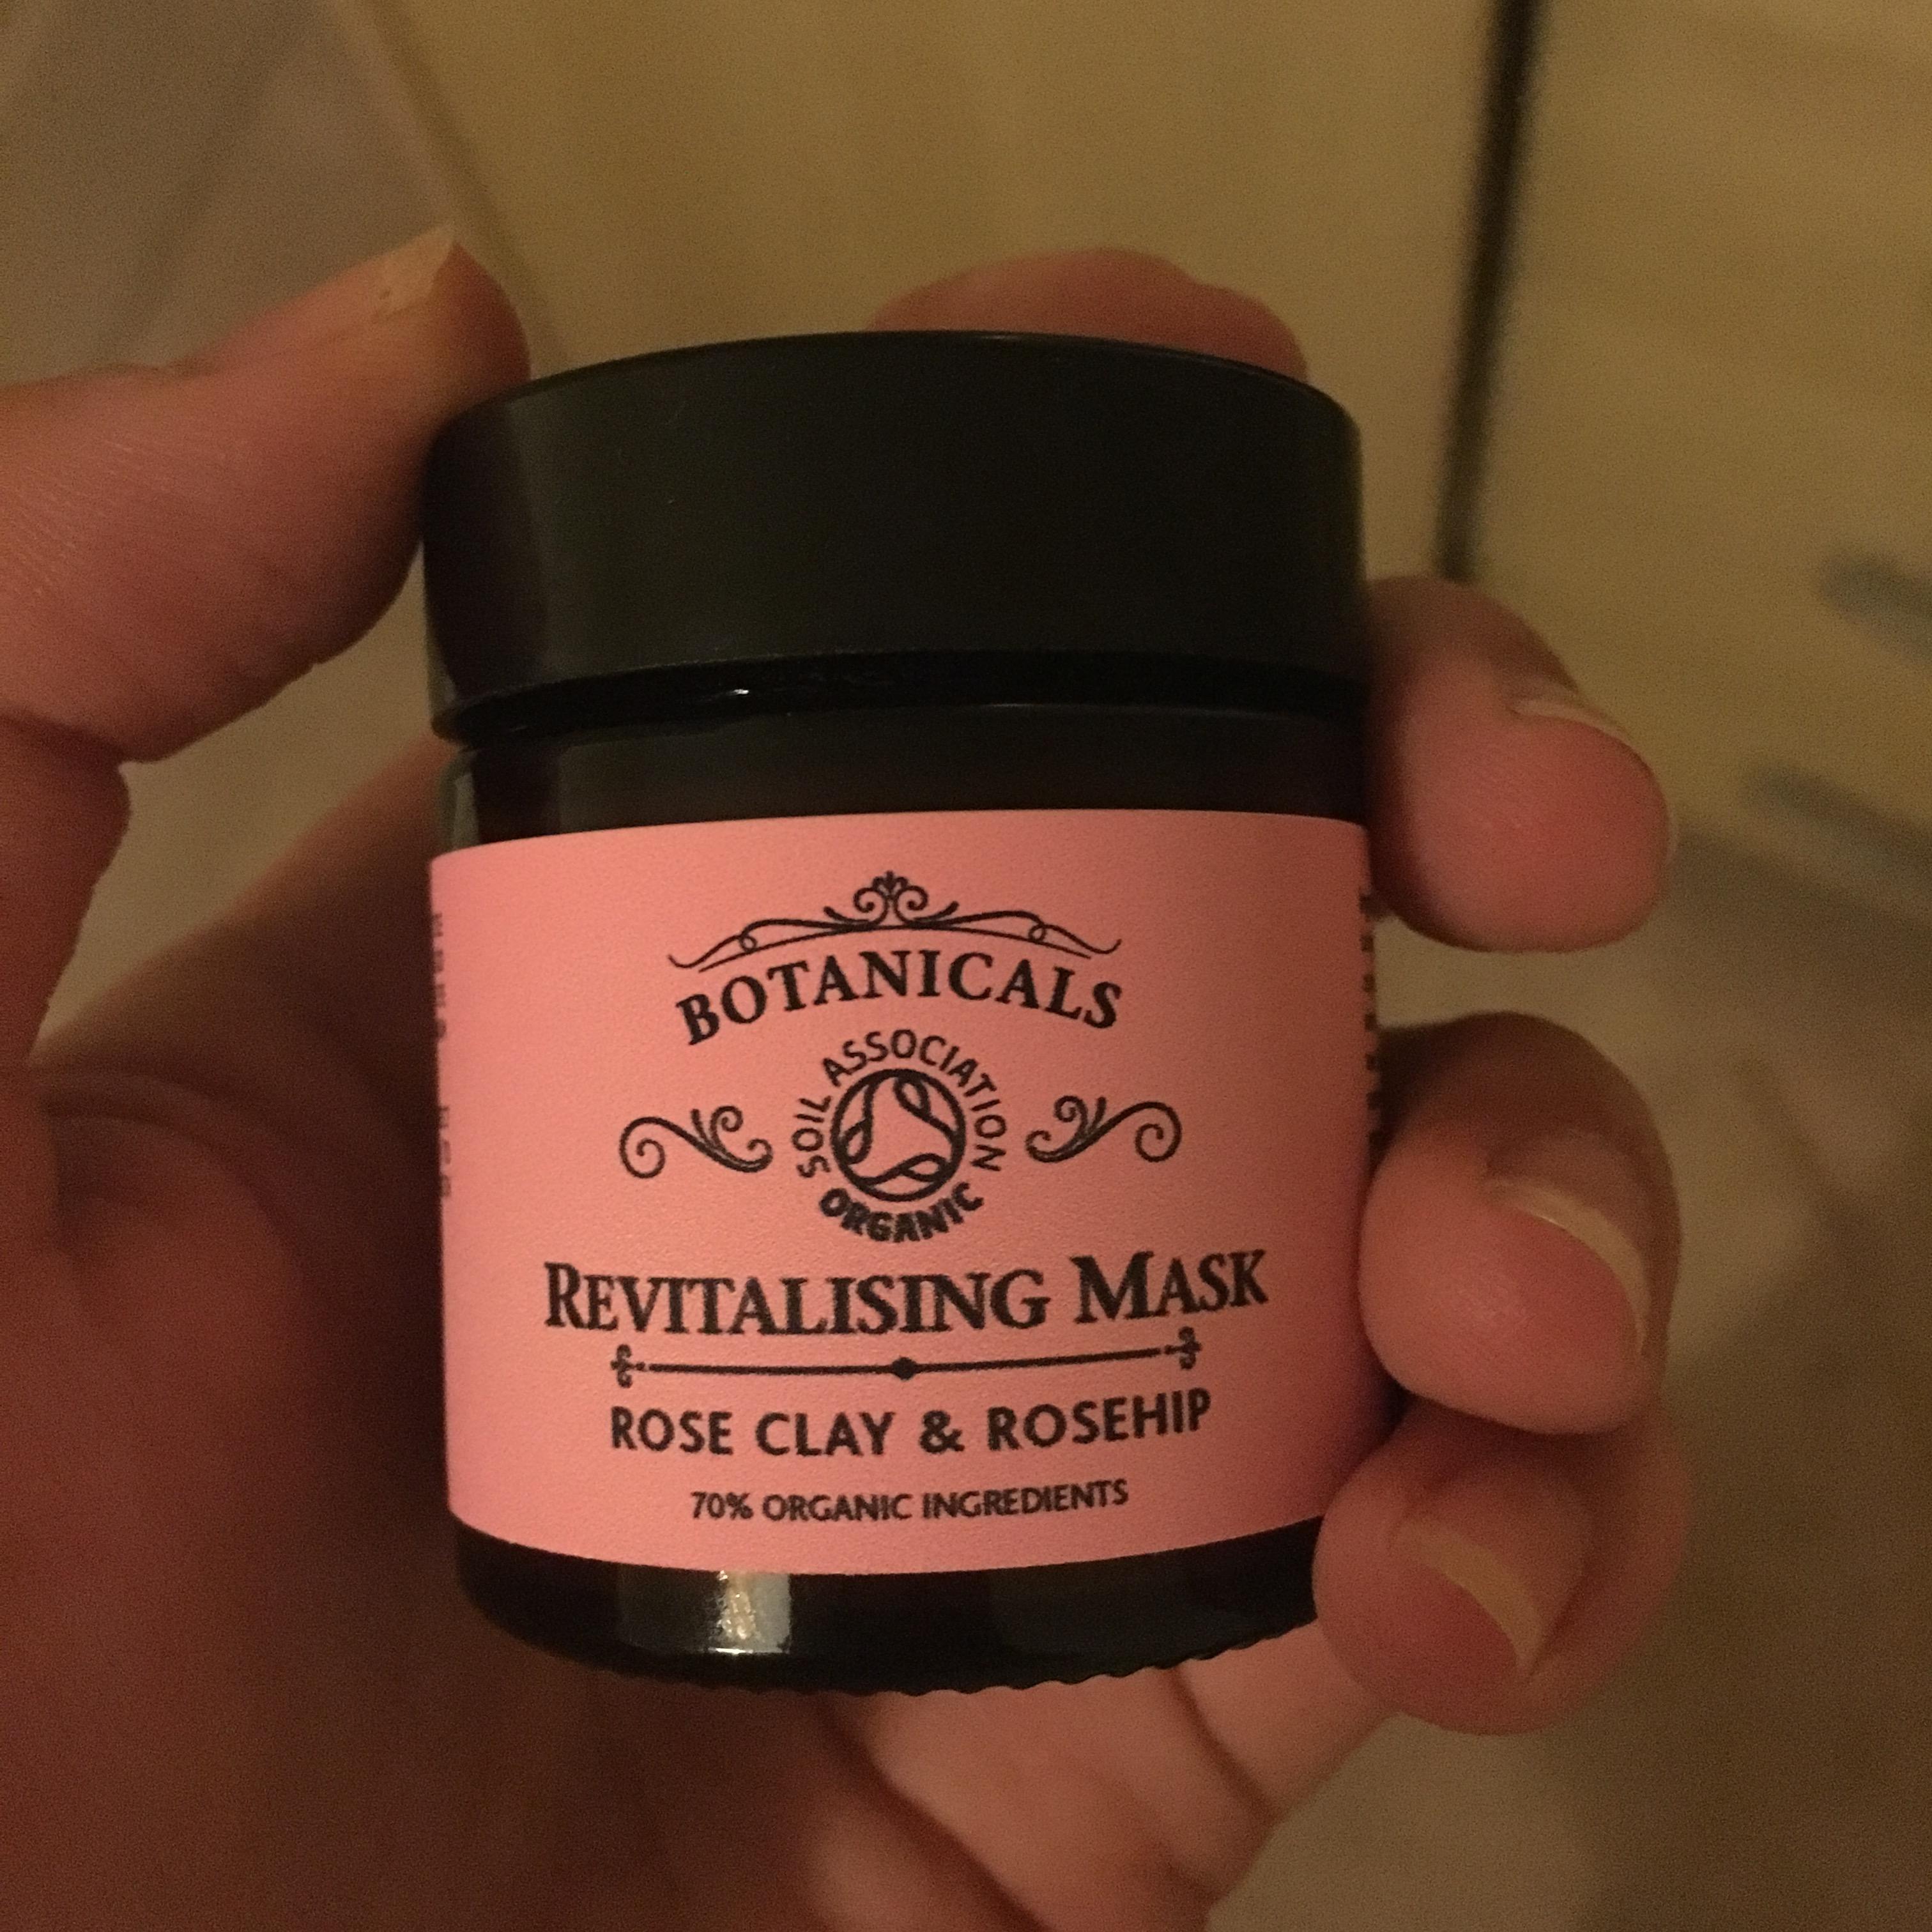 Botanicals Revitalising Mask